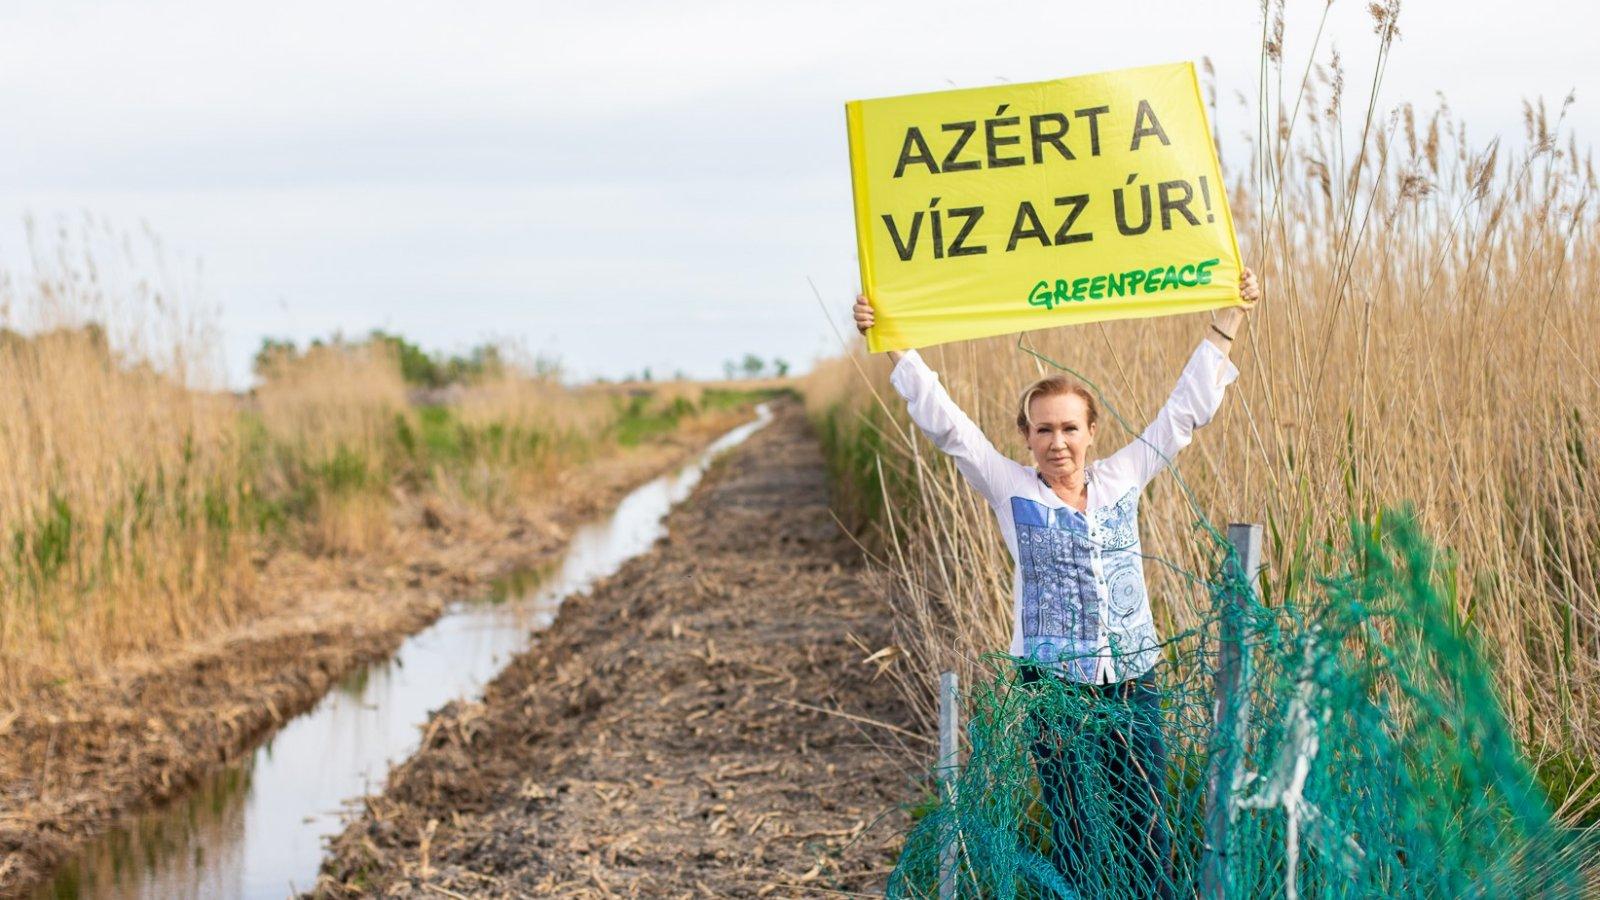 Udvaros Dorottya a Greenpeace kampányában